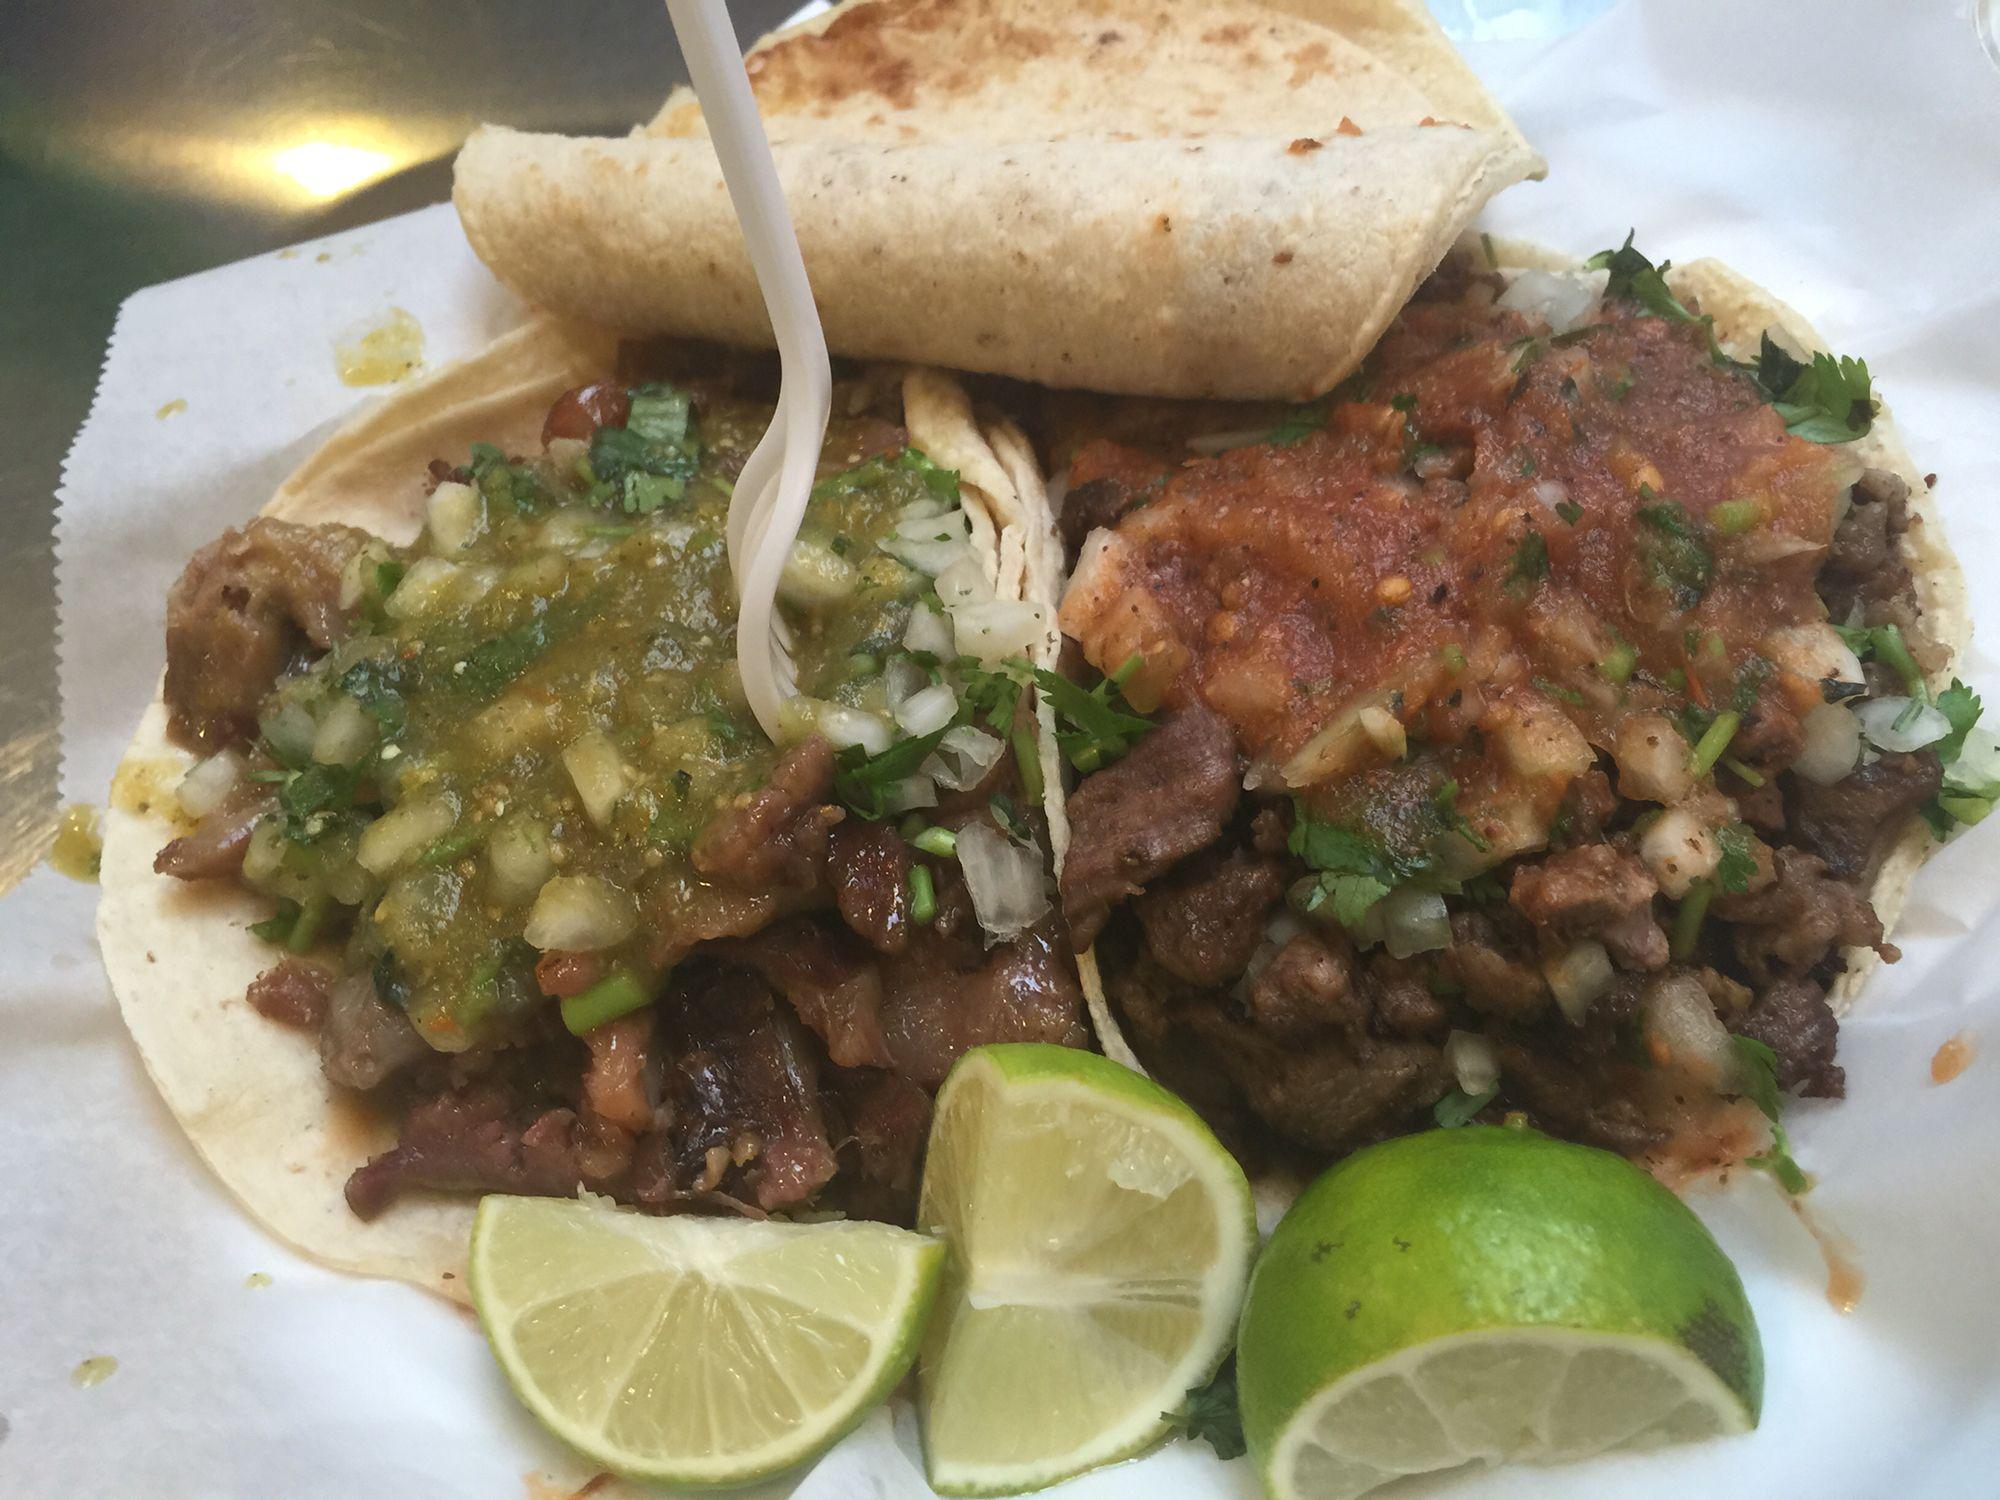 Massive Tacos Toma S Grand Central Market La Ethnic Recipes